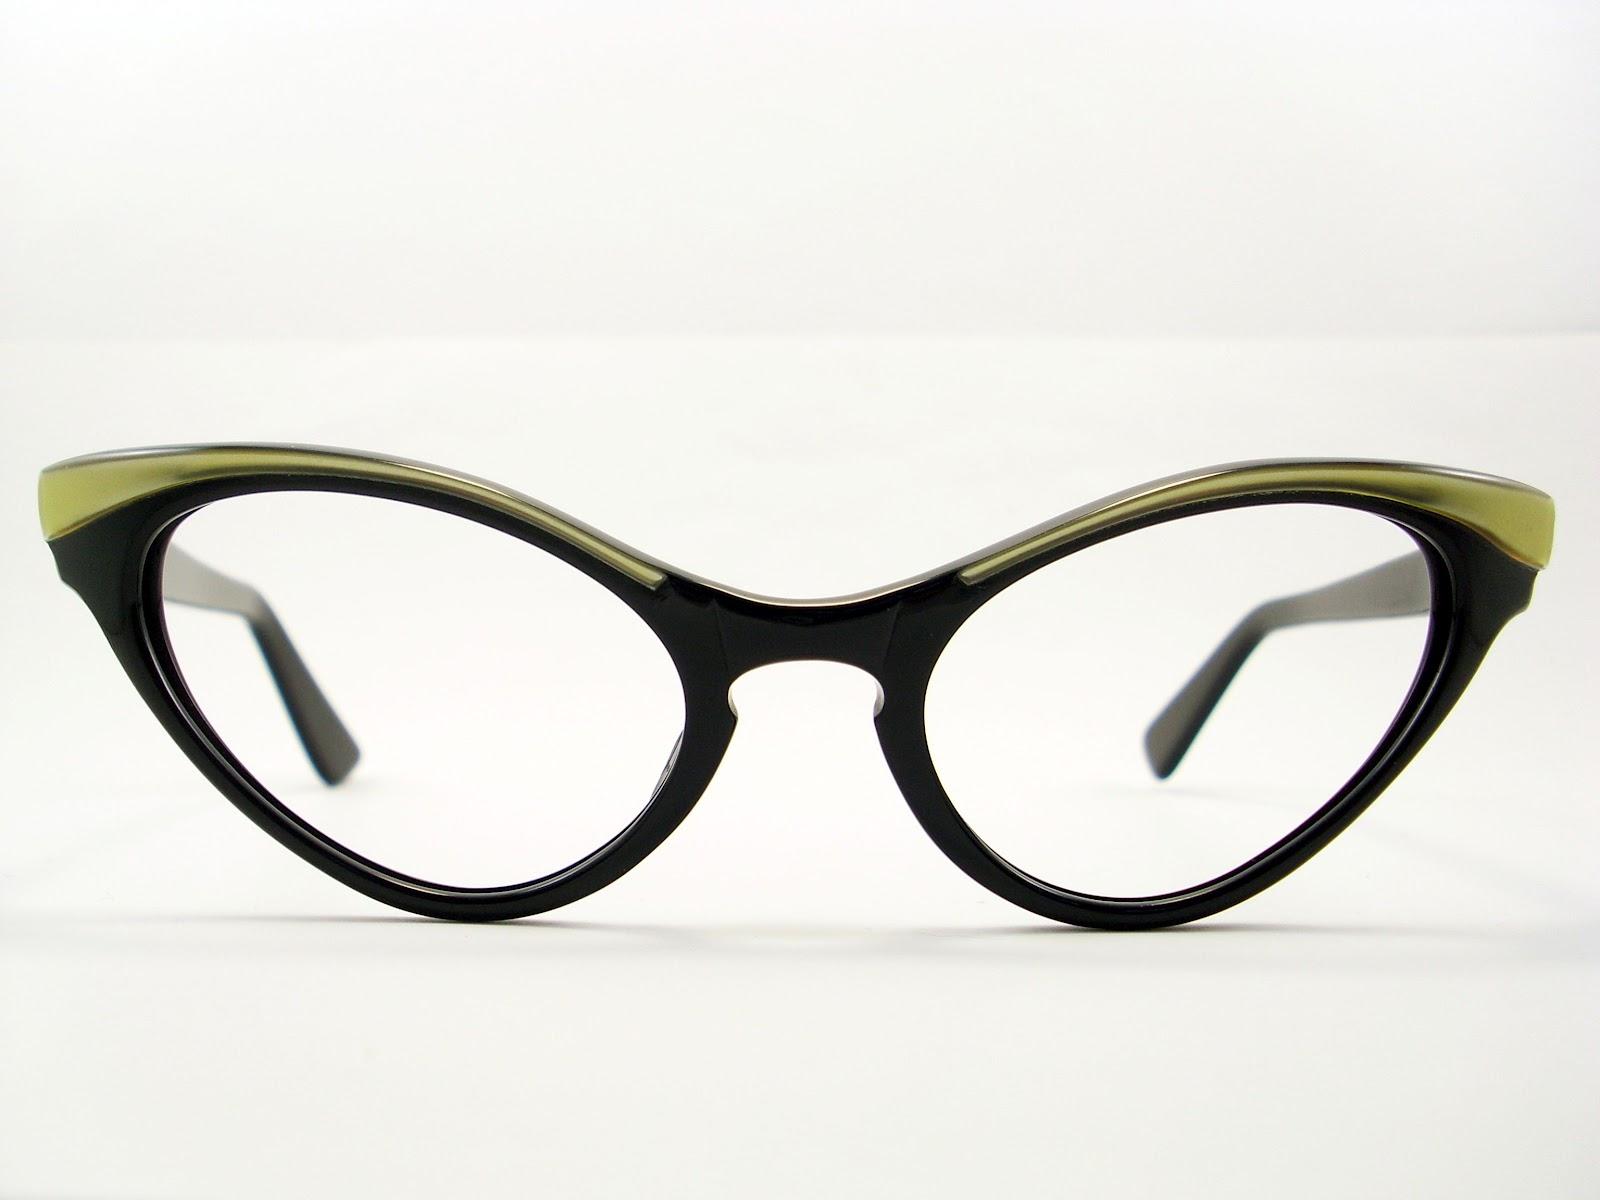 952ab669f4f Old Eyeglass Frames